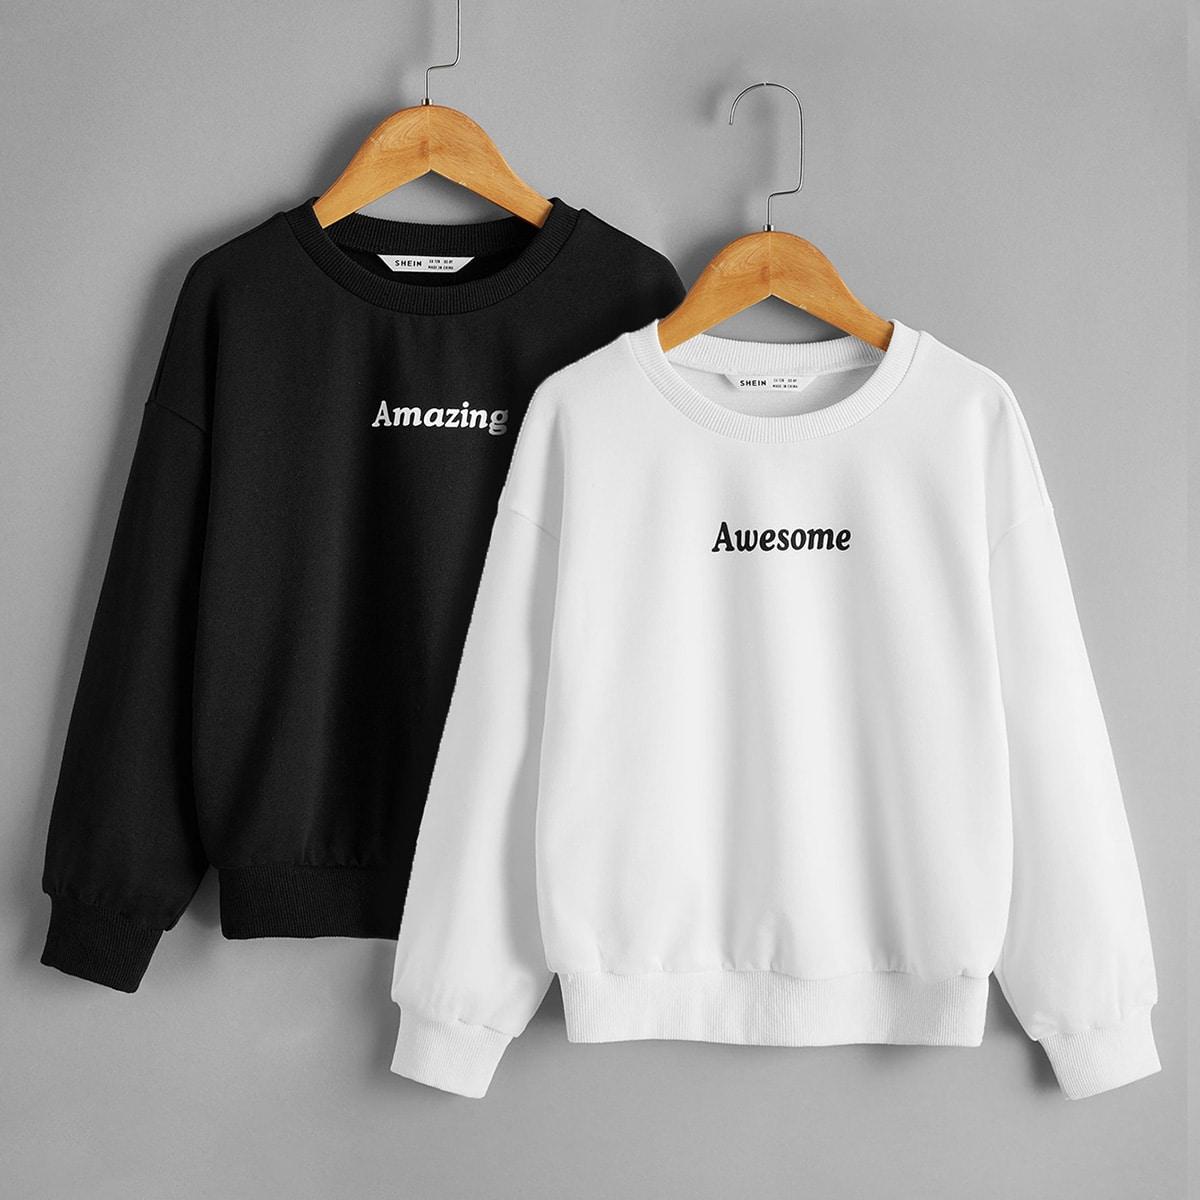 Пуловер с текстовым принтом для девочек 2шт от SHEIN